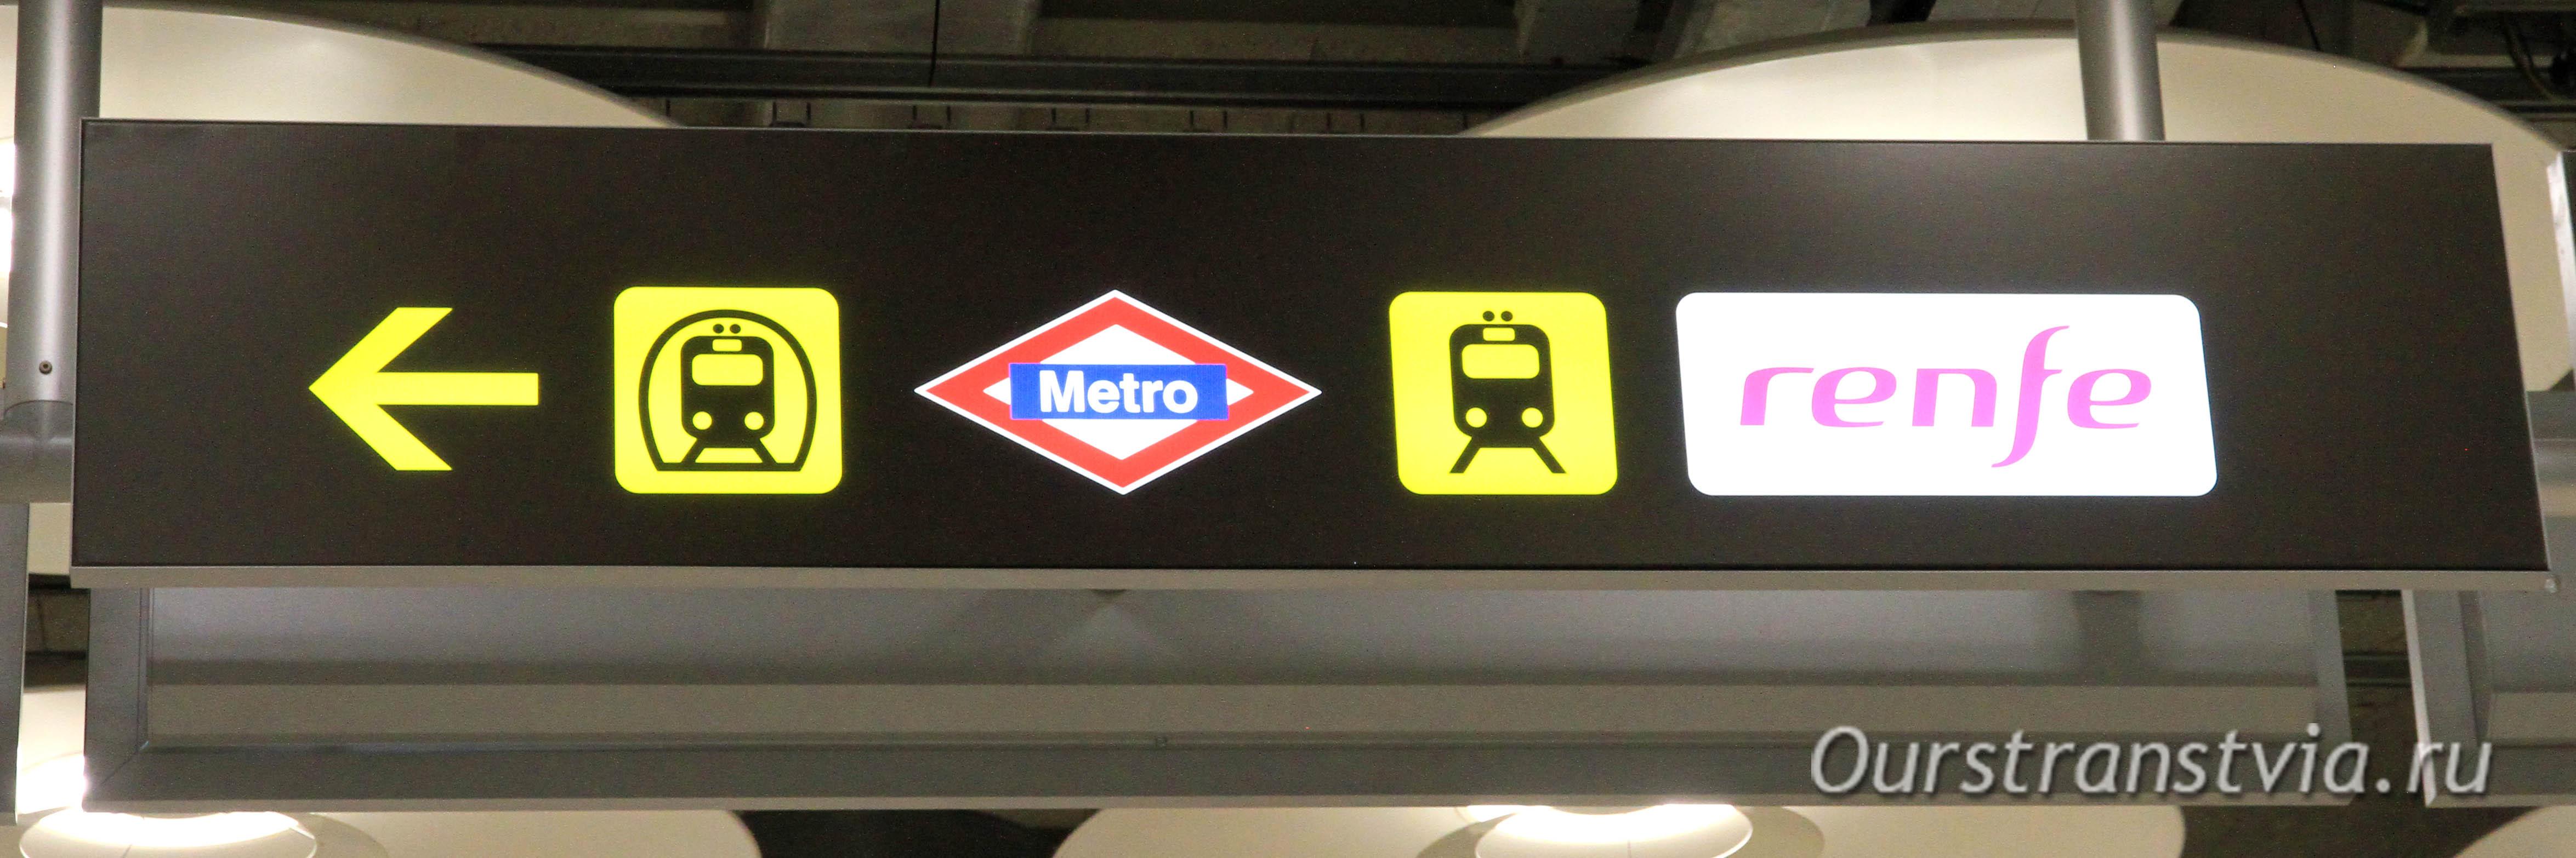 Указатели на общественный транспорт в Аэропорту Мадрида